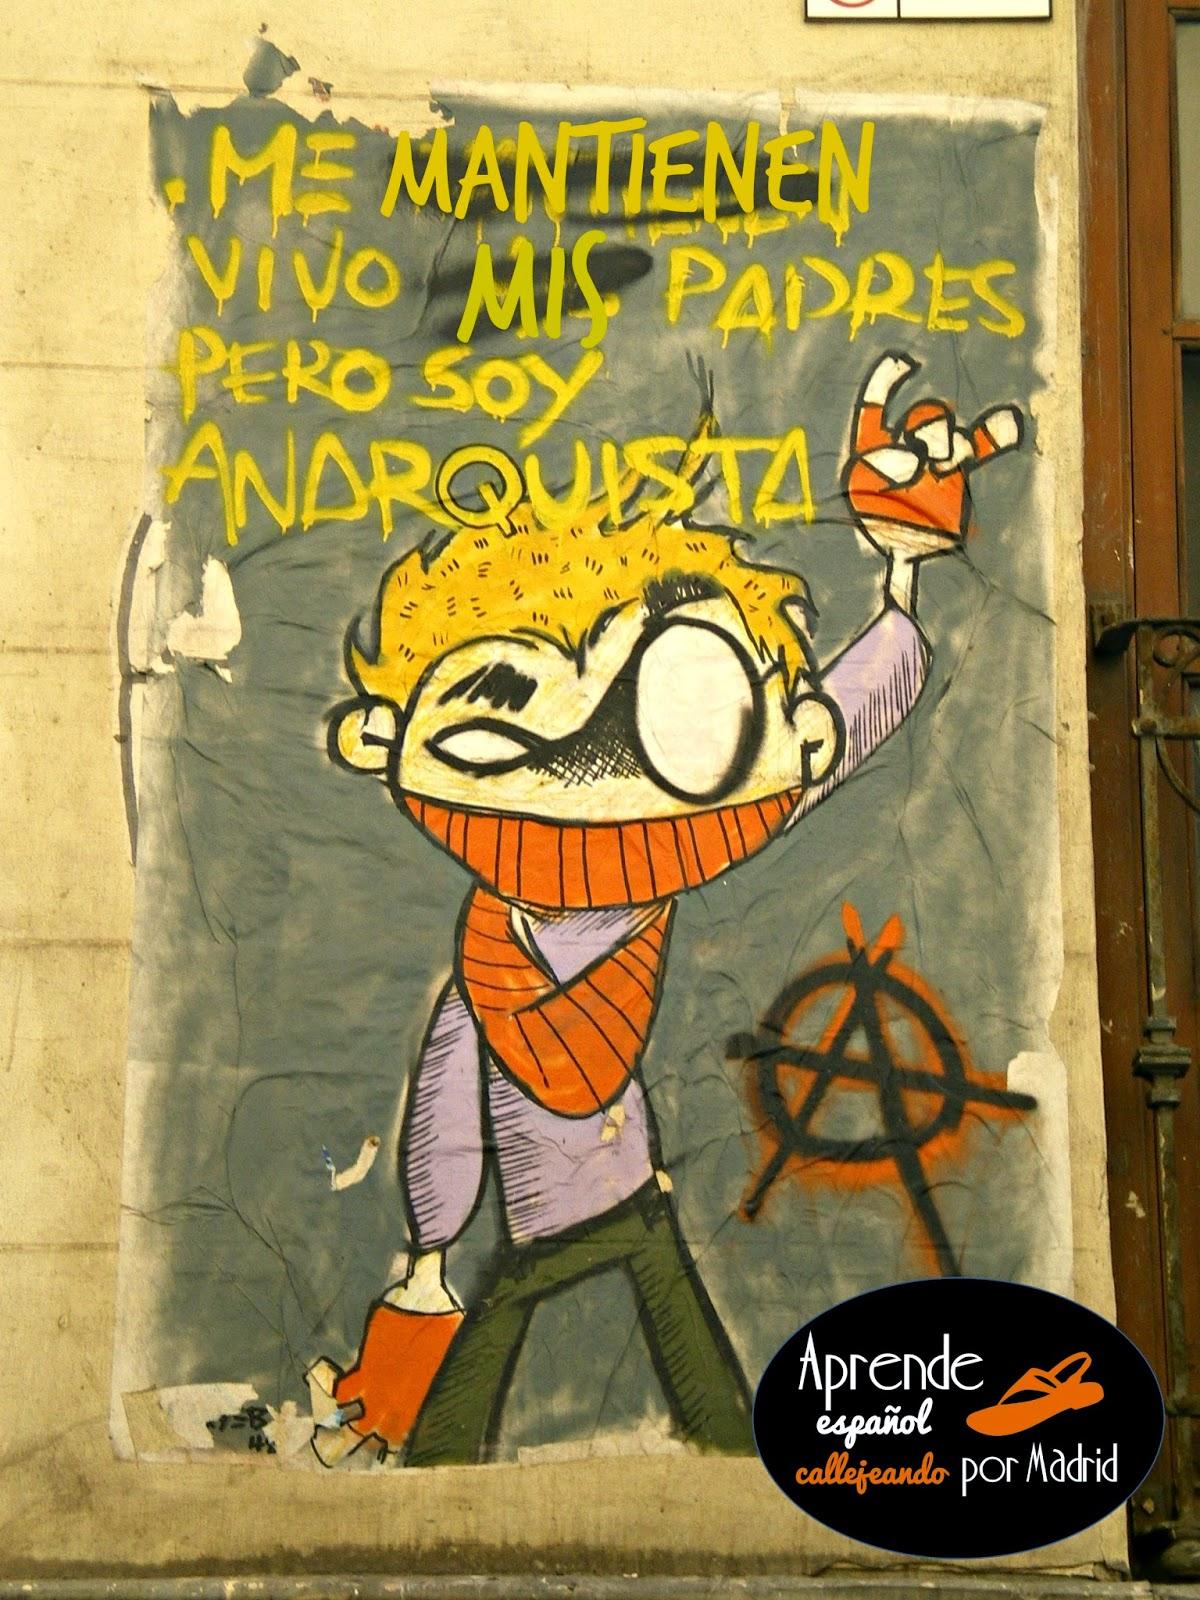 soy anarquista pero me mantienen vivo mis padres